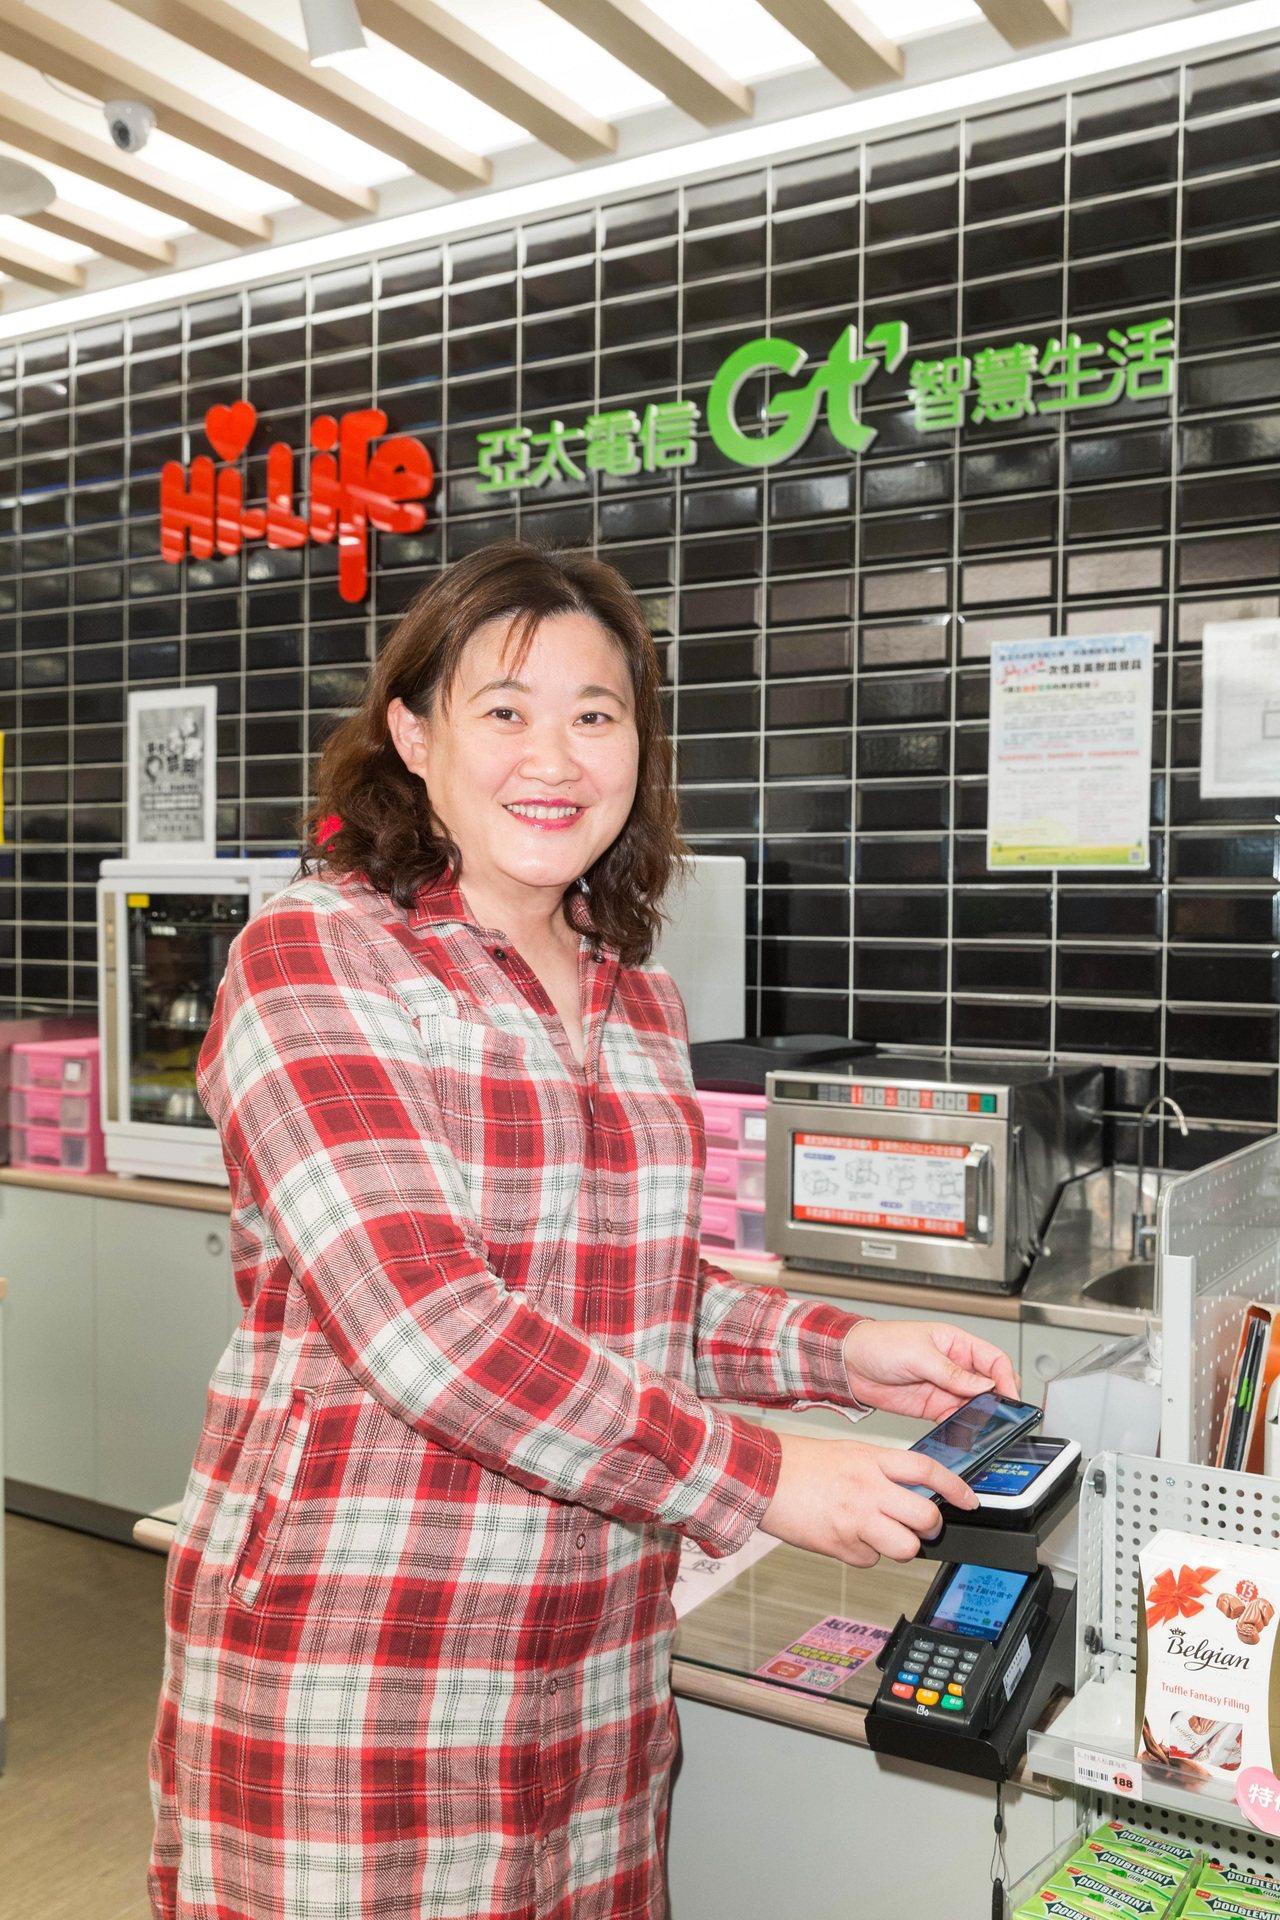 亞太電信行銷副總鄧美慧響應台北市政府政策使用行動支付結帳。圖/亞太電信提供